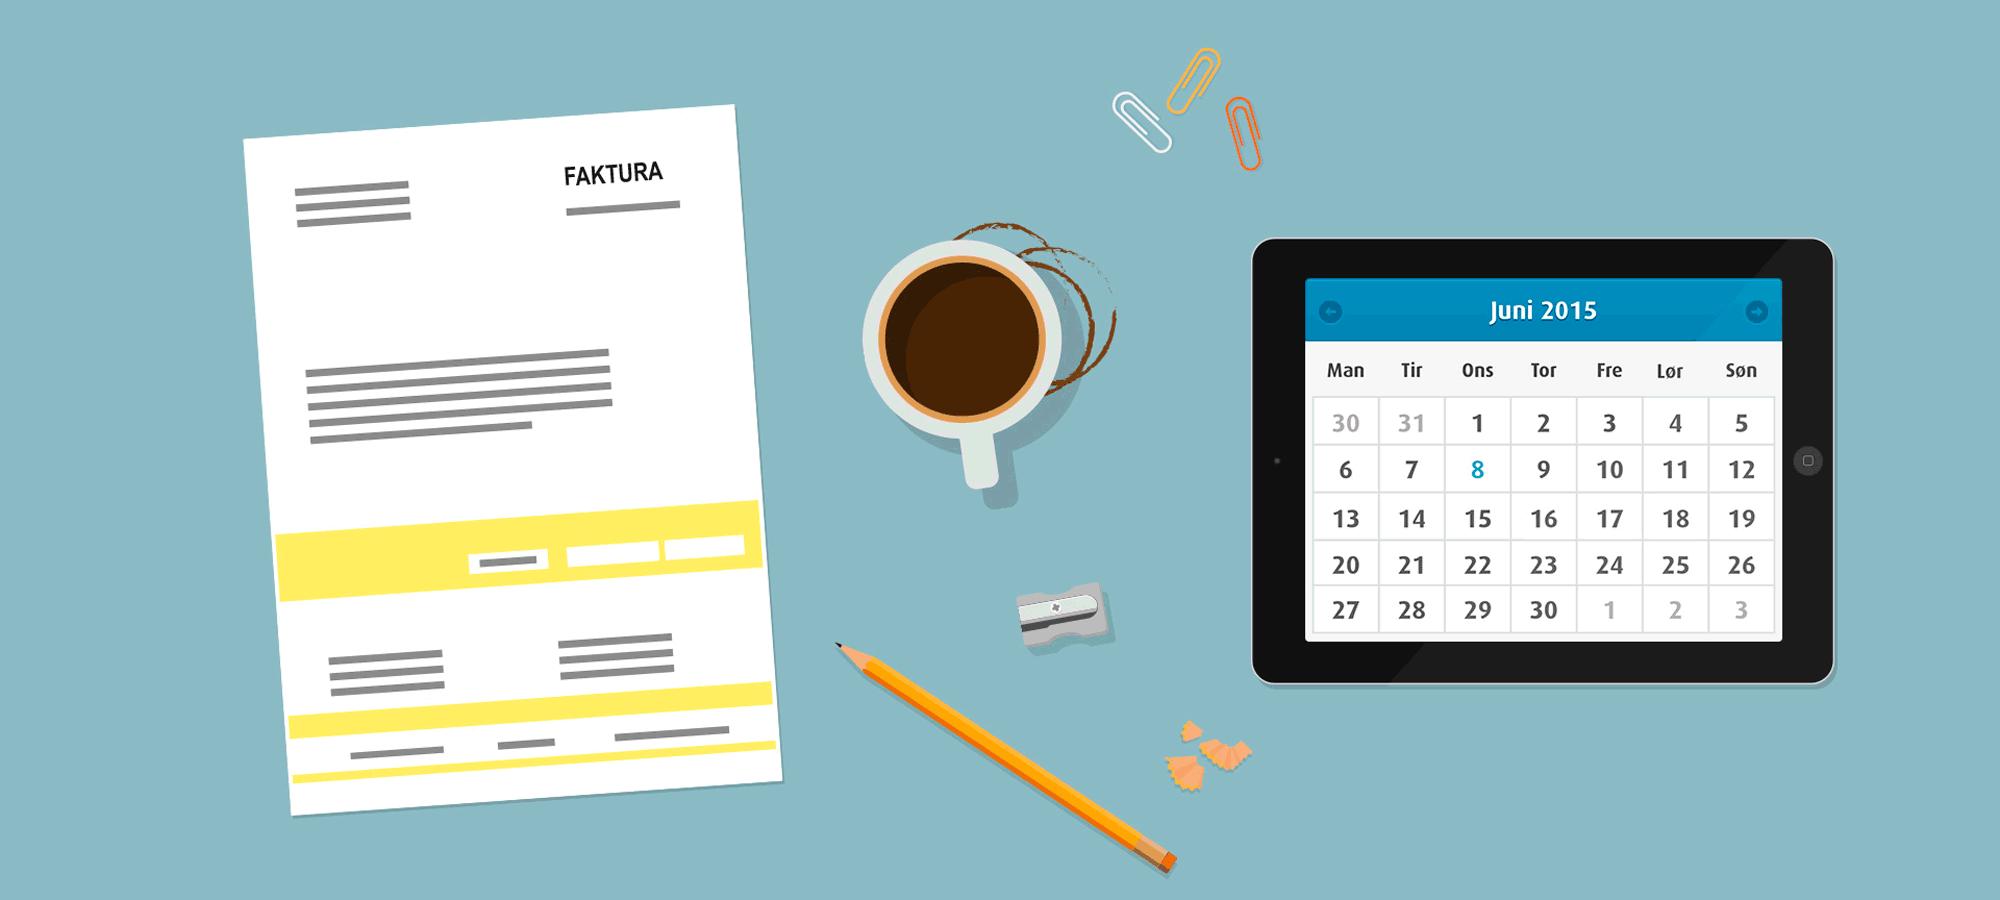 Illustrasjon med kalender og nettbrett